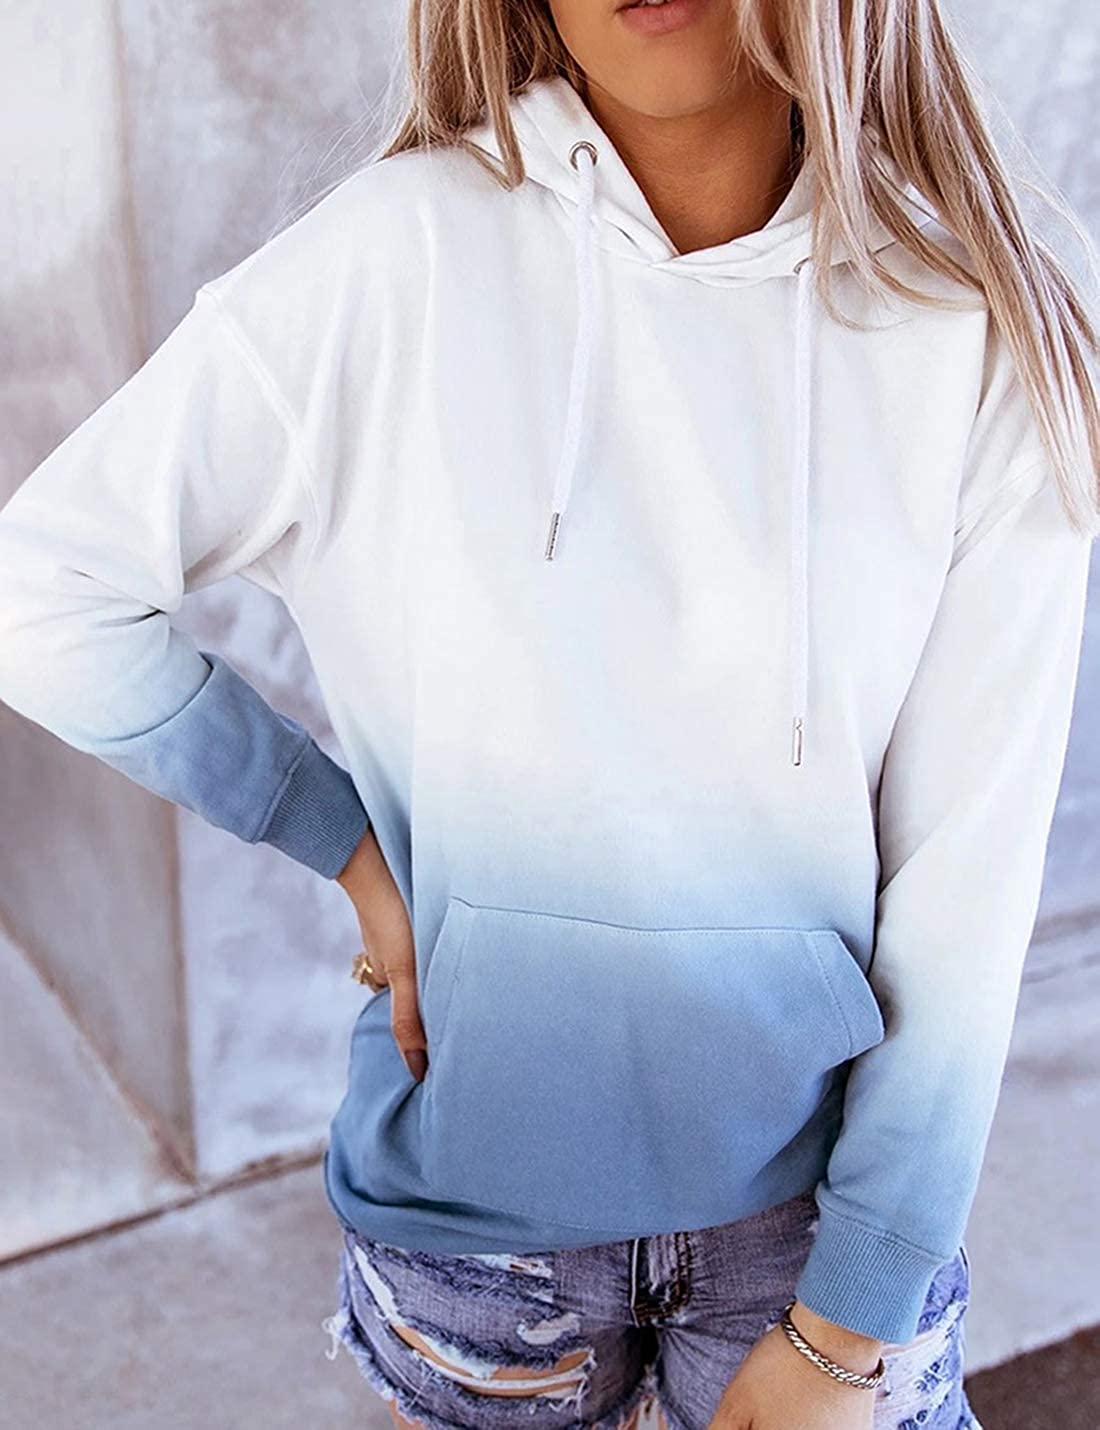 Elapsy Womens Casual Tie Dye Printed Hoodies Drawstring Loose Fit Crop Tops Pullover Sweatshirt Pockets